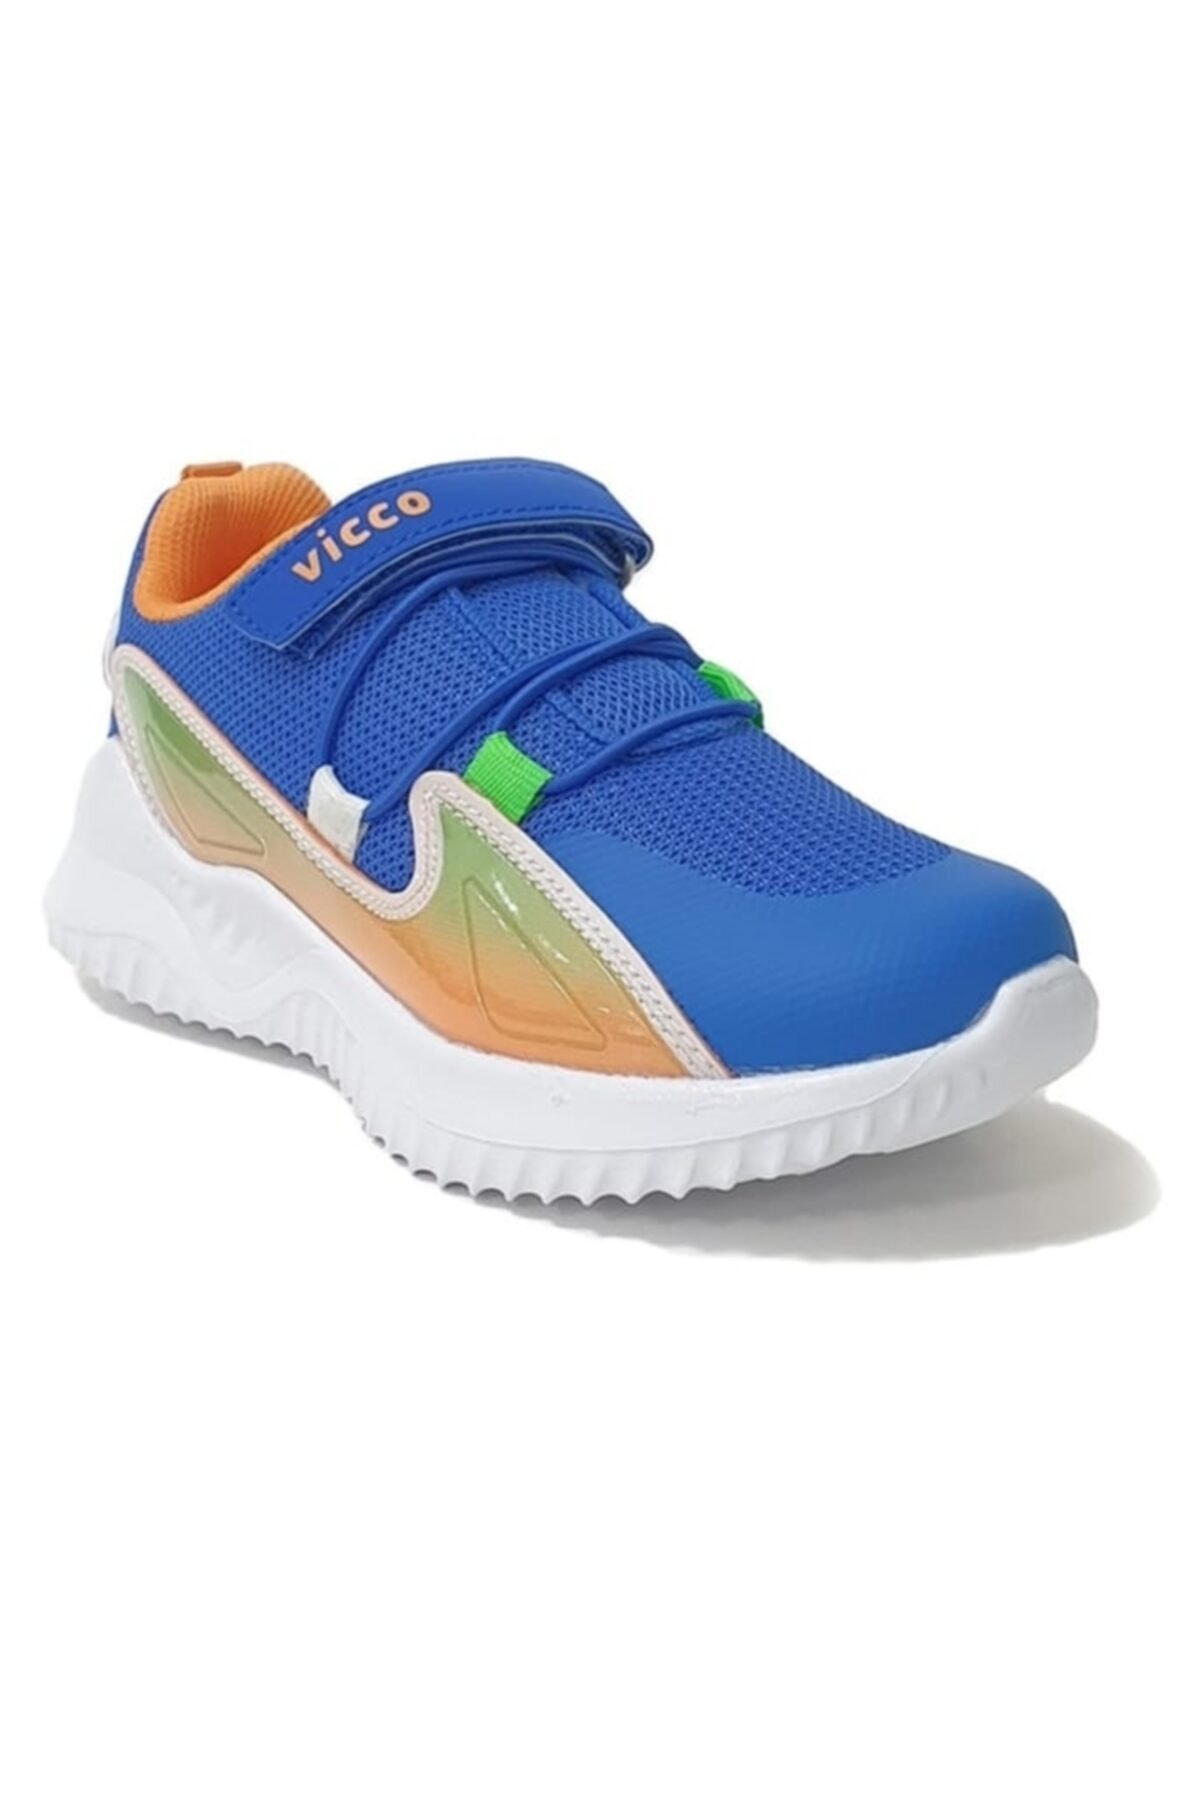 Vicco Yoga Erkek Çocuk Saks Mavi Phylon Spor Ayakkabı 2